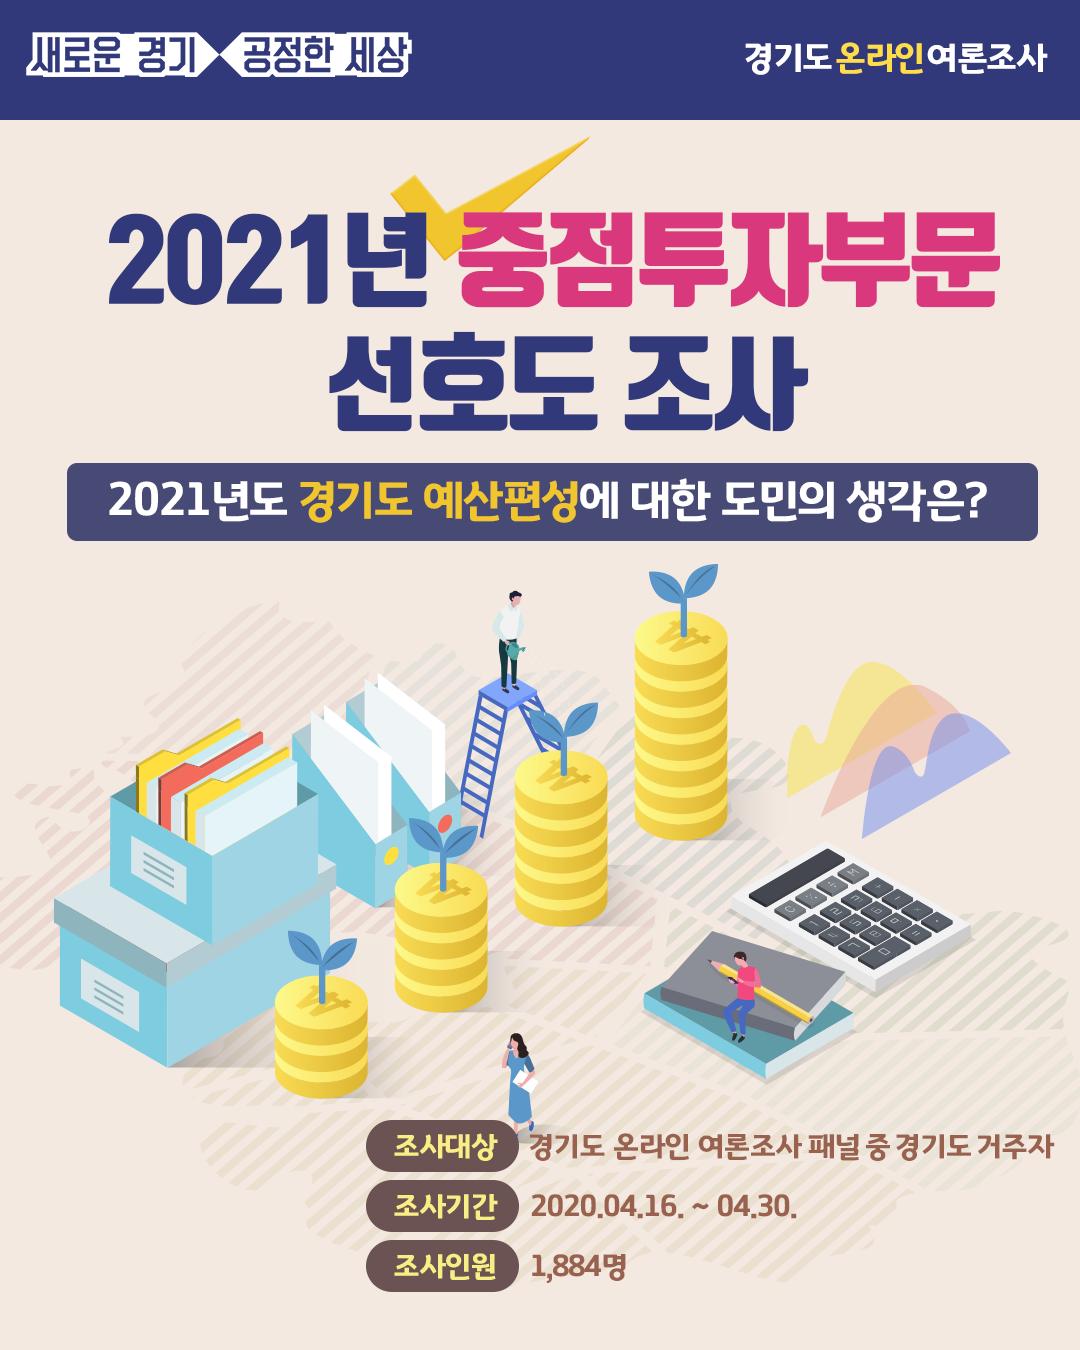 2021년 중점투자부문 선호도 조사